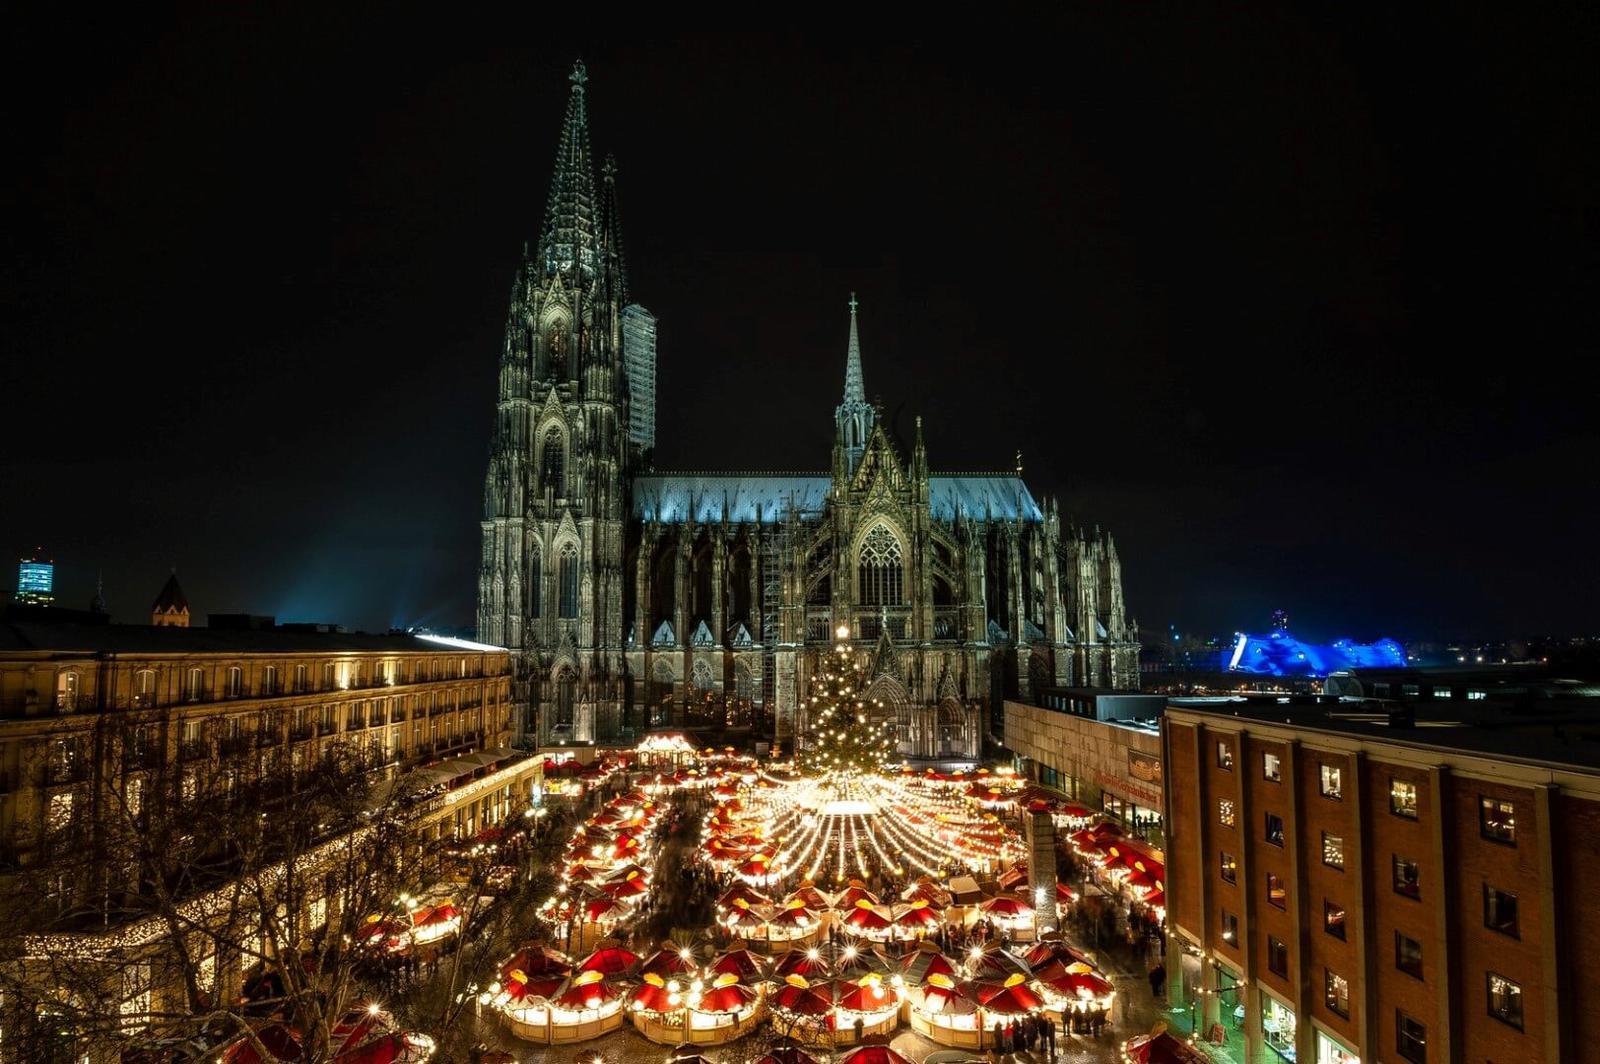 tradiciones navideñas en europa Colonia